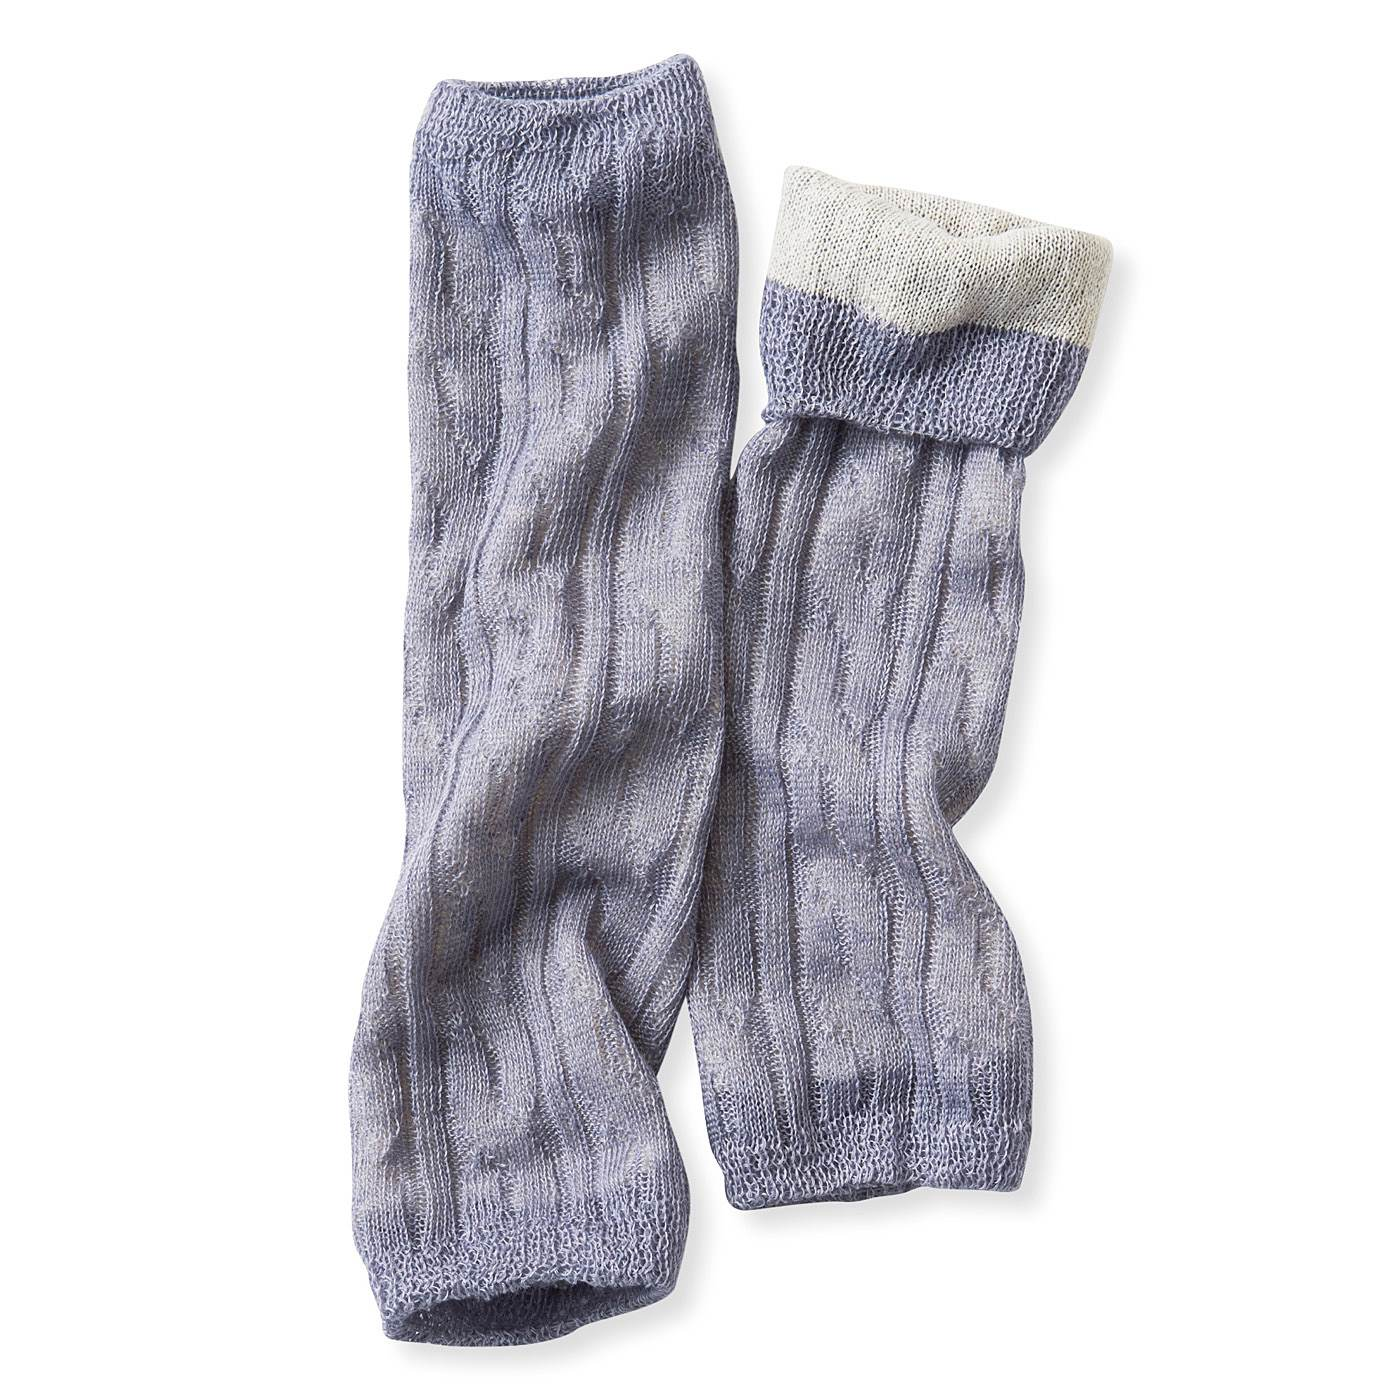 すべての糸に天然素材を使用して編み立てました。通気性はありながらもふんわり暖かいのがうれしい。